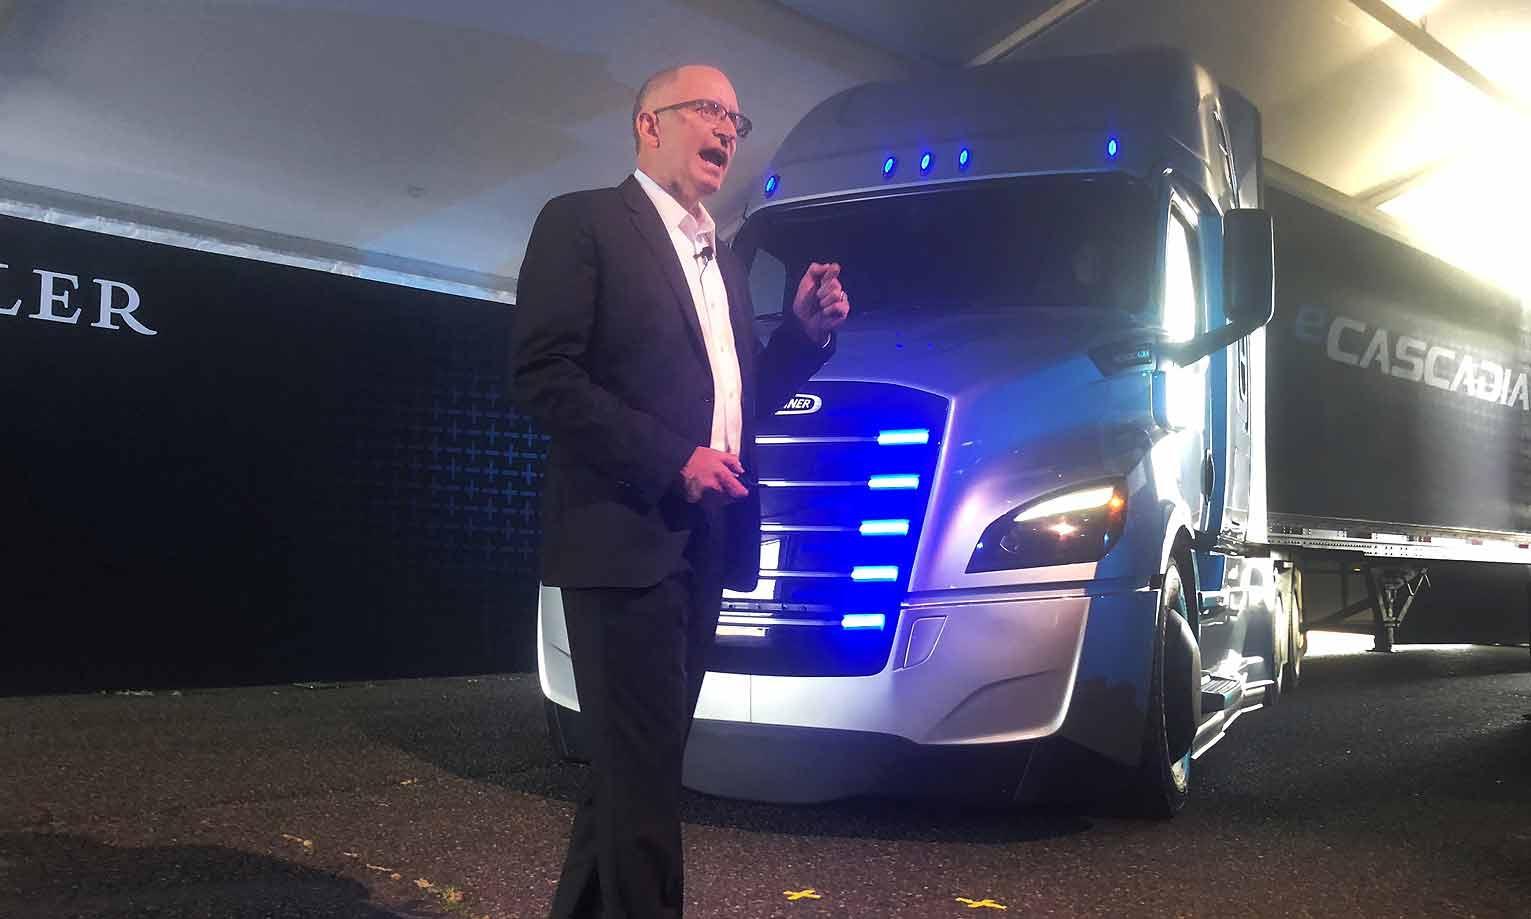 戴姆勒新推两款纯电动卡车 正面抗衡大众/特斯拉